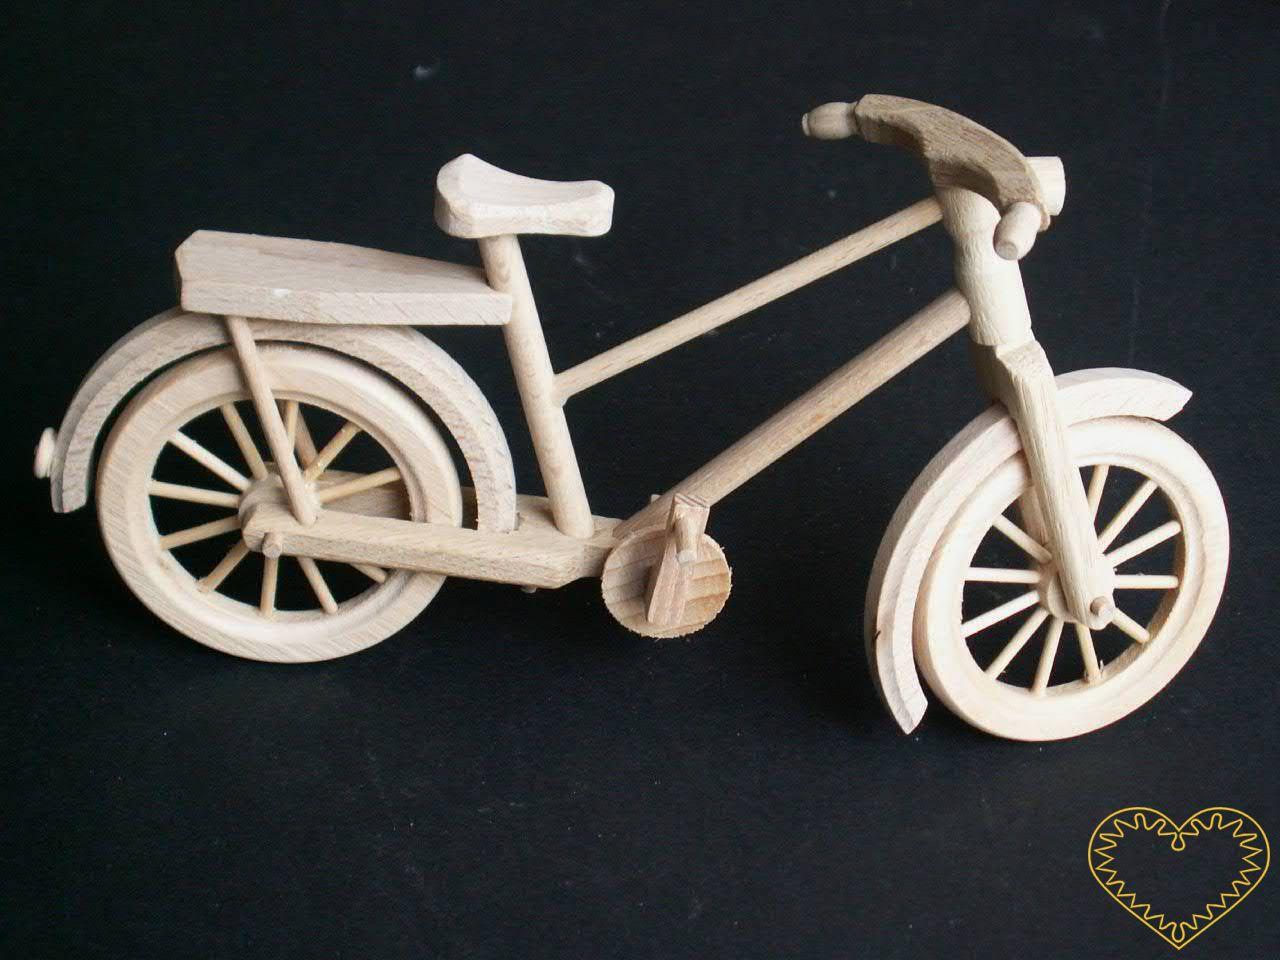 Dřevěné kolo - celodřevěný pojízdný model s drobnými detaily, krásně vypracovanými koly. Přední kolo a řídítka jsou otočná do stran, šlapky se otáčí kolem osy! Kolo lze opřít o dřevěný stojánek.